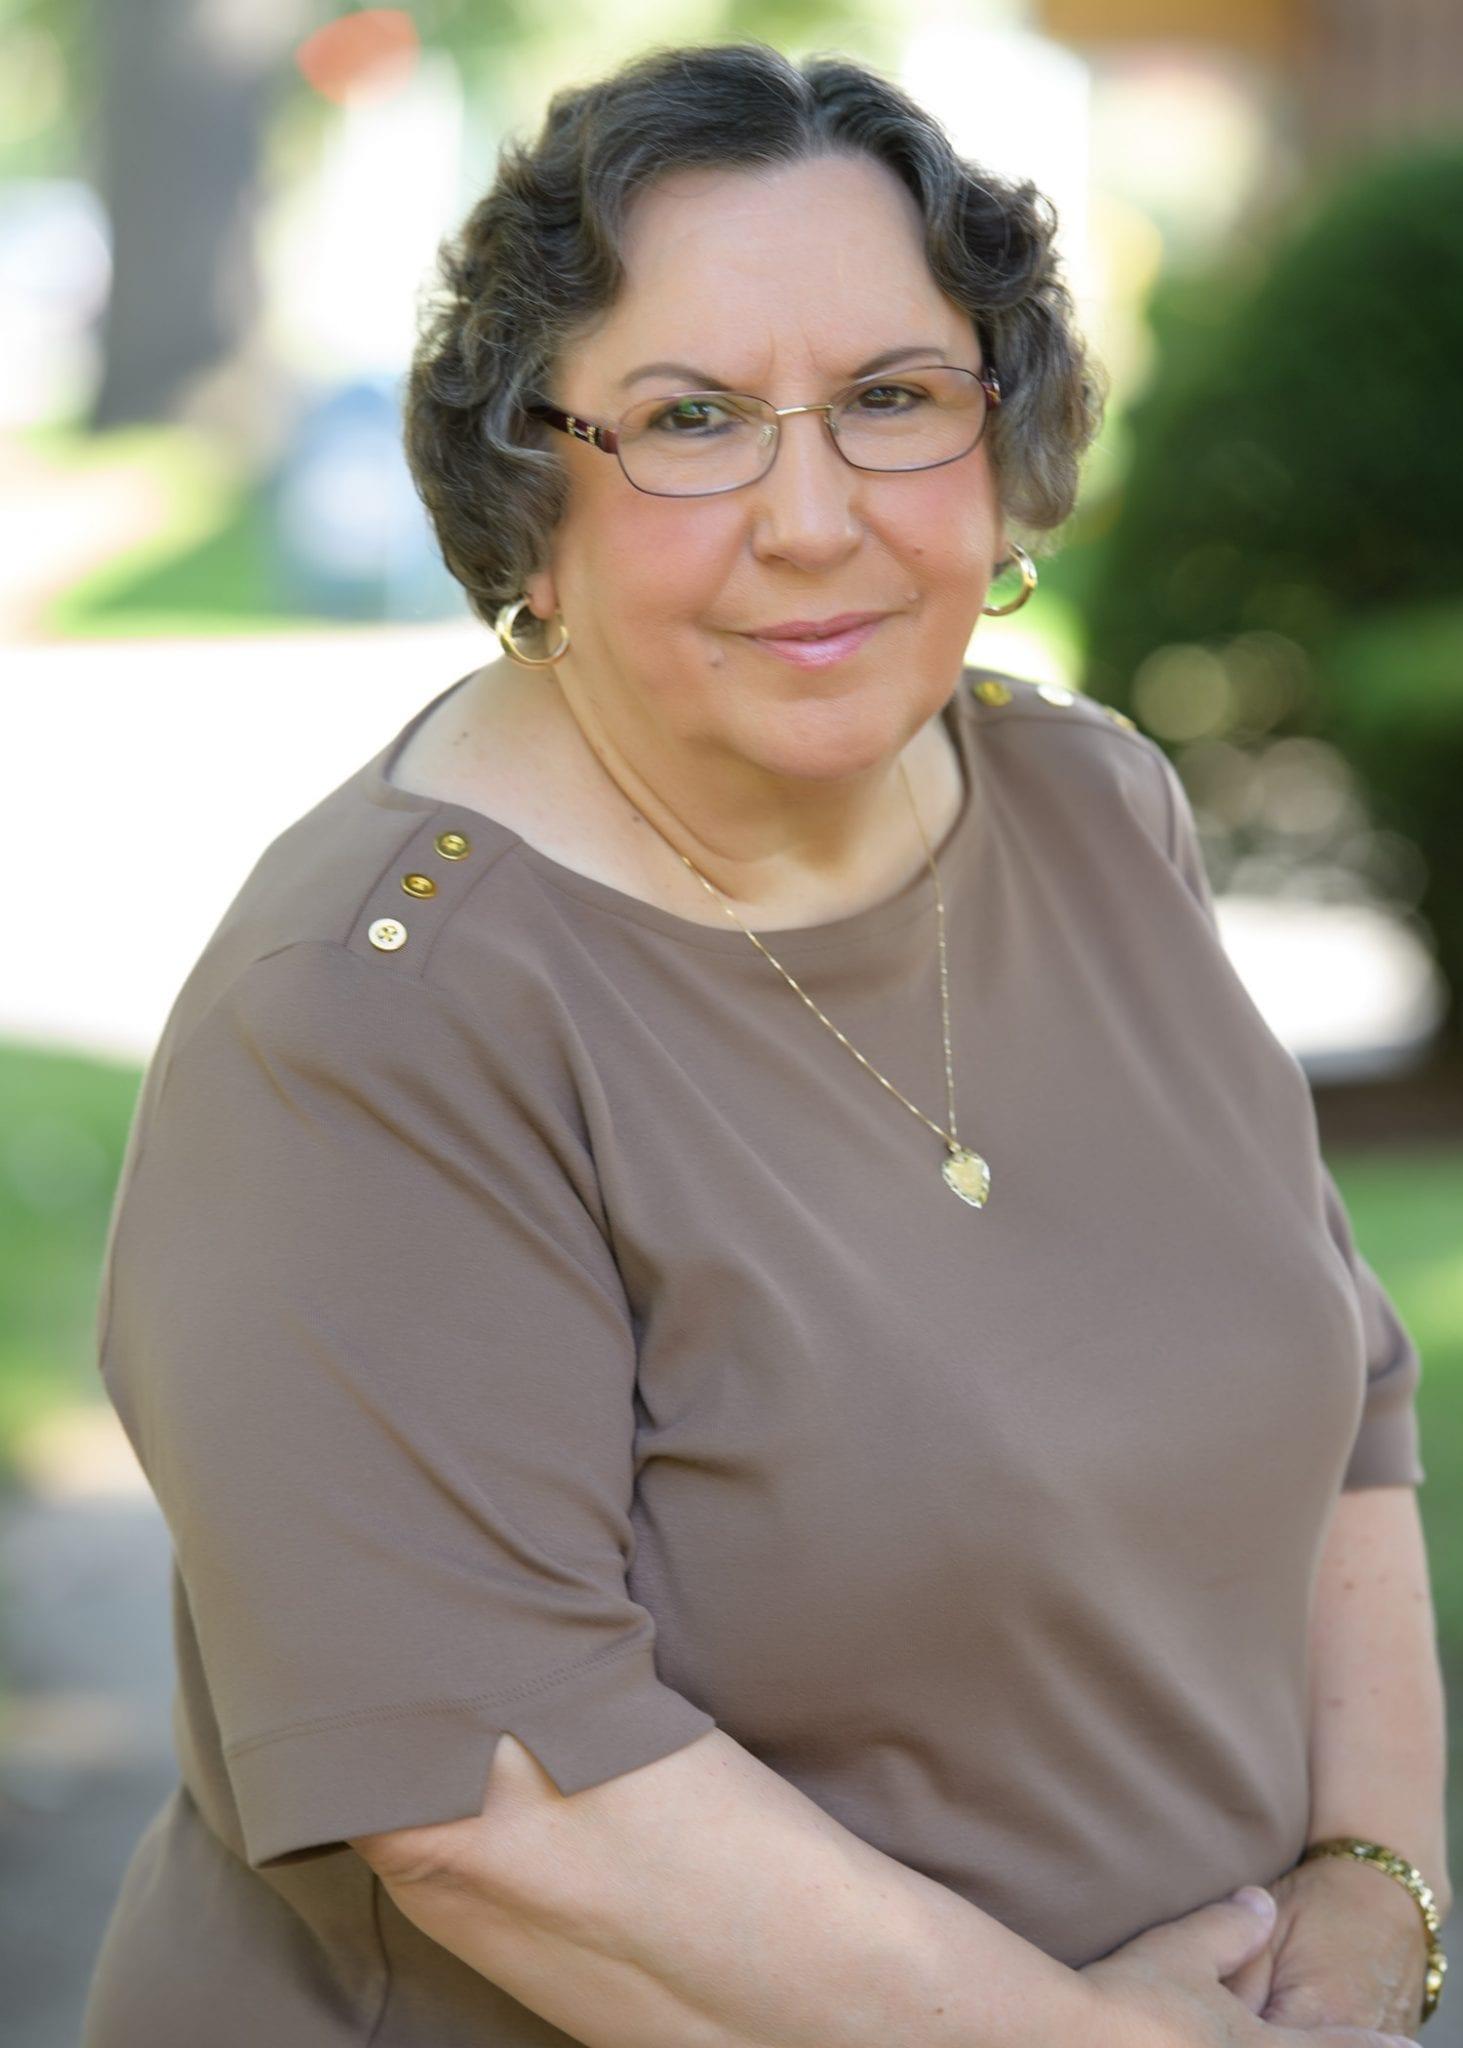 Frances P. Dominici